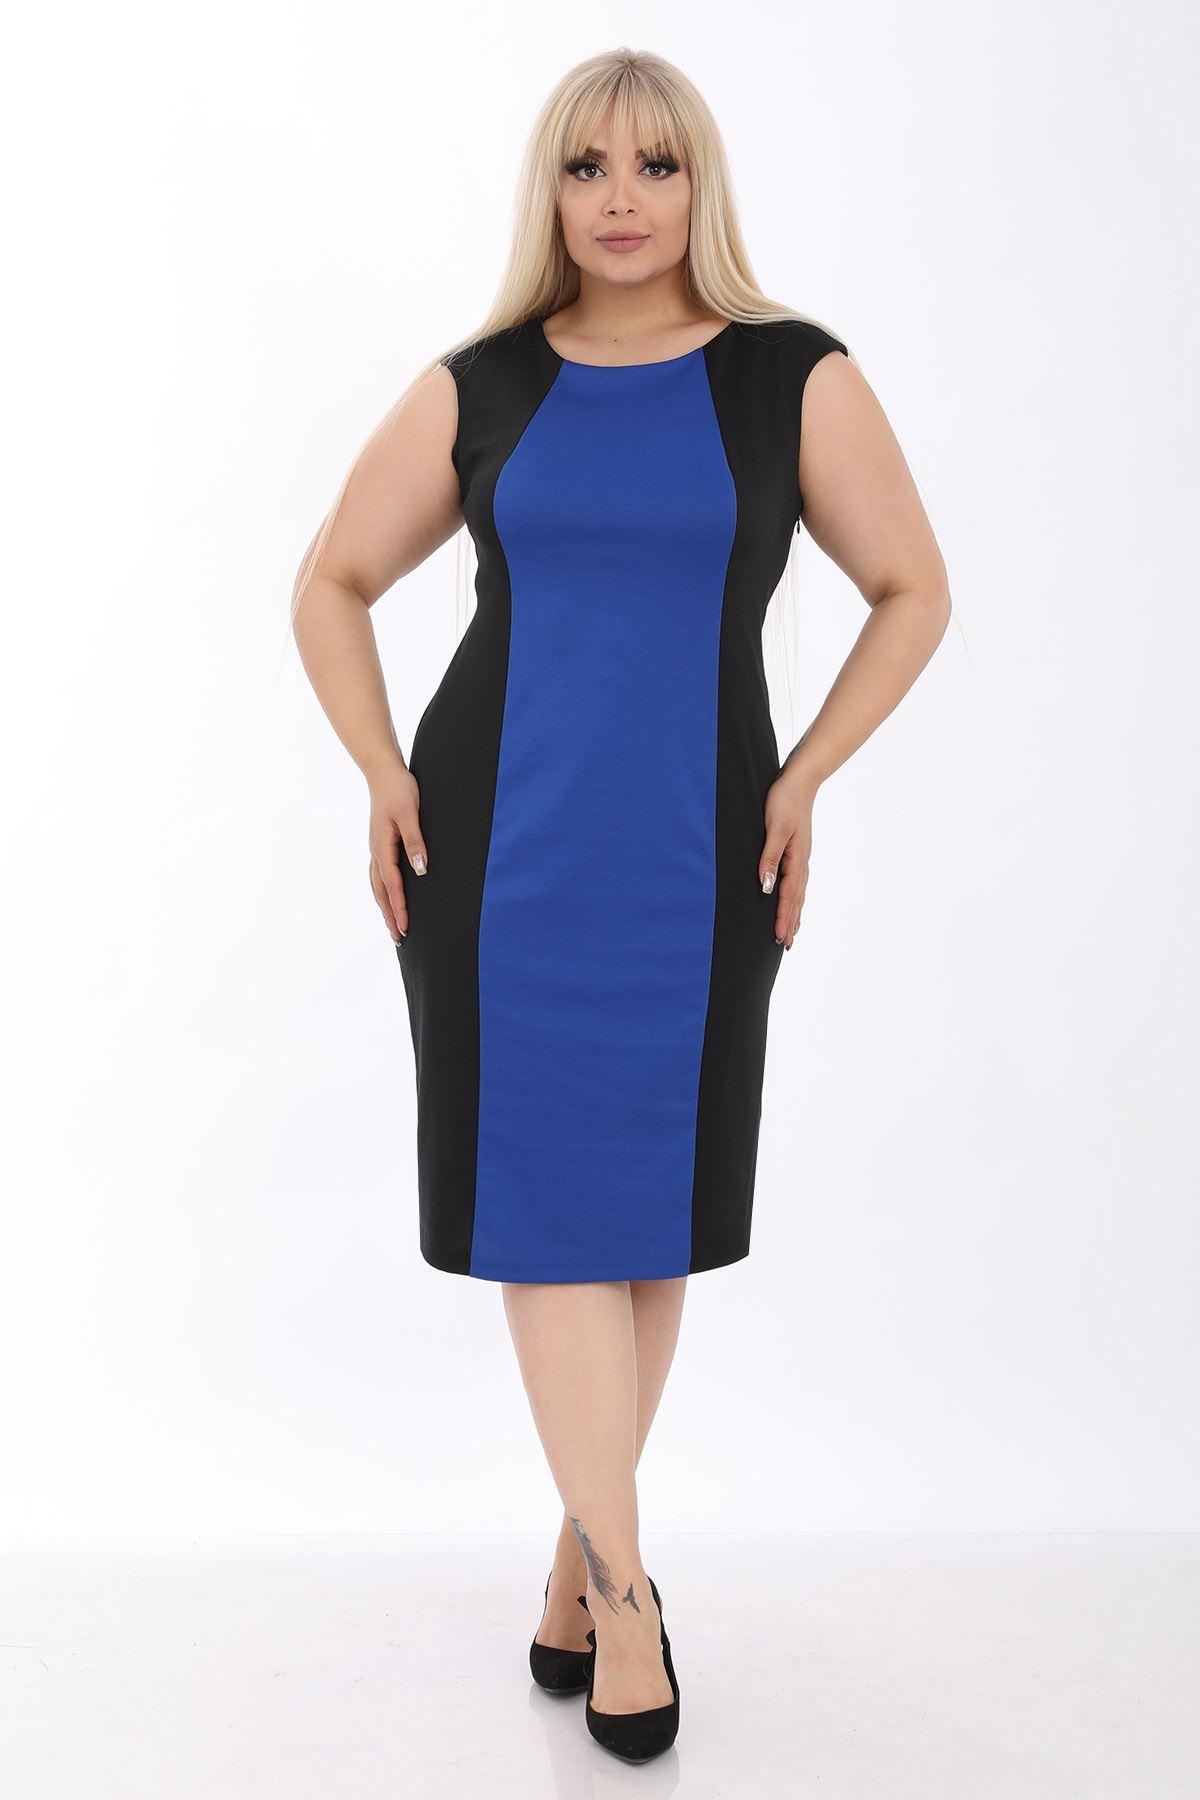 Mavi Siyah Kolsuz Büyük Beden Elbise J1-1236